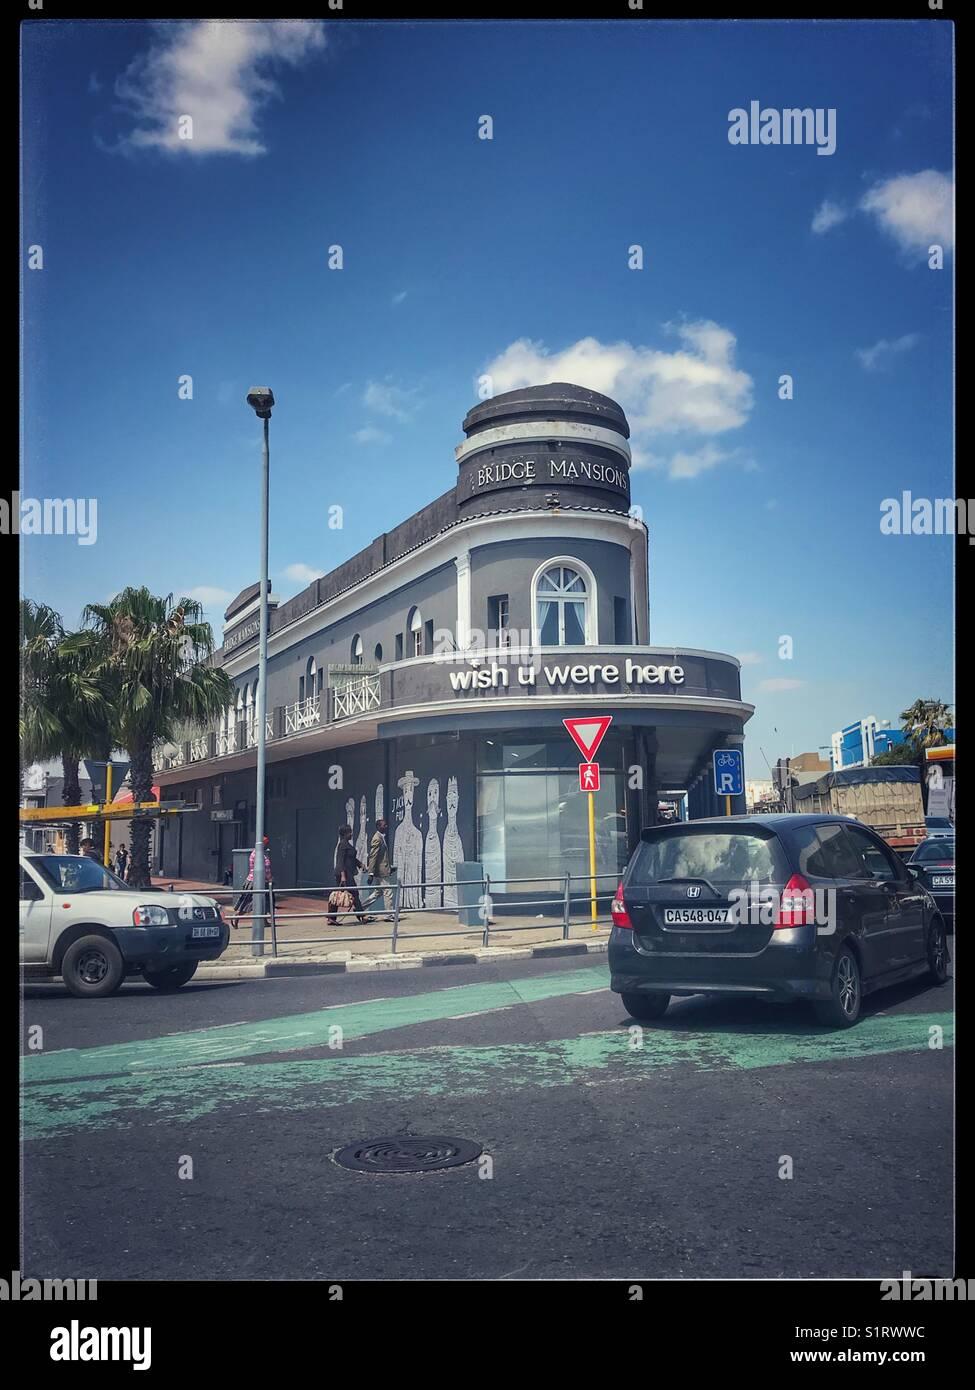 quantité limitée Vente de liquidation 2019 sur des pieds à Wish you were here, Hotel, Woodstock, Cape Town Stock Photo ...